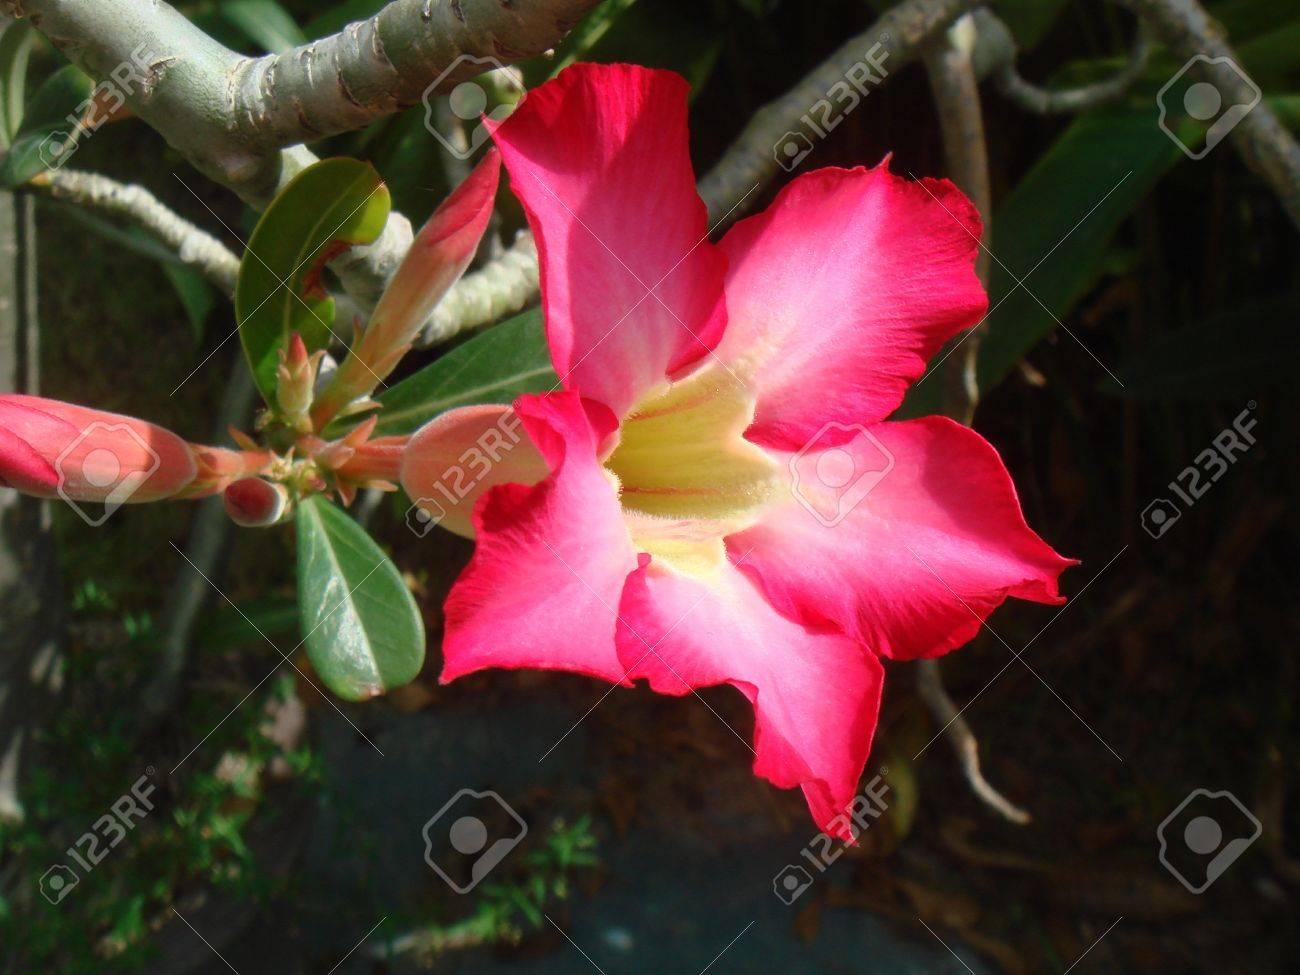 Adenium obesum flower Stock Photo - 16975821